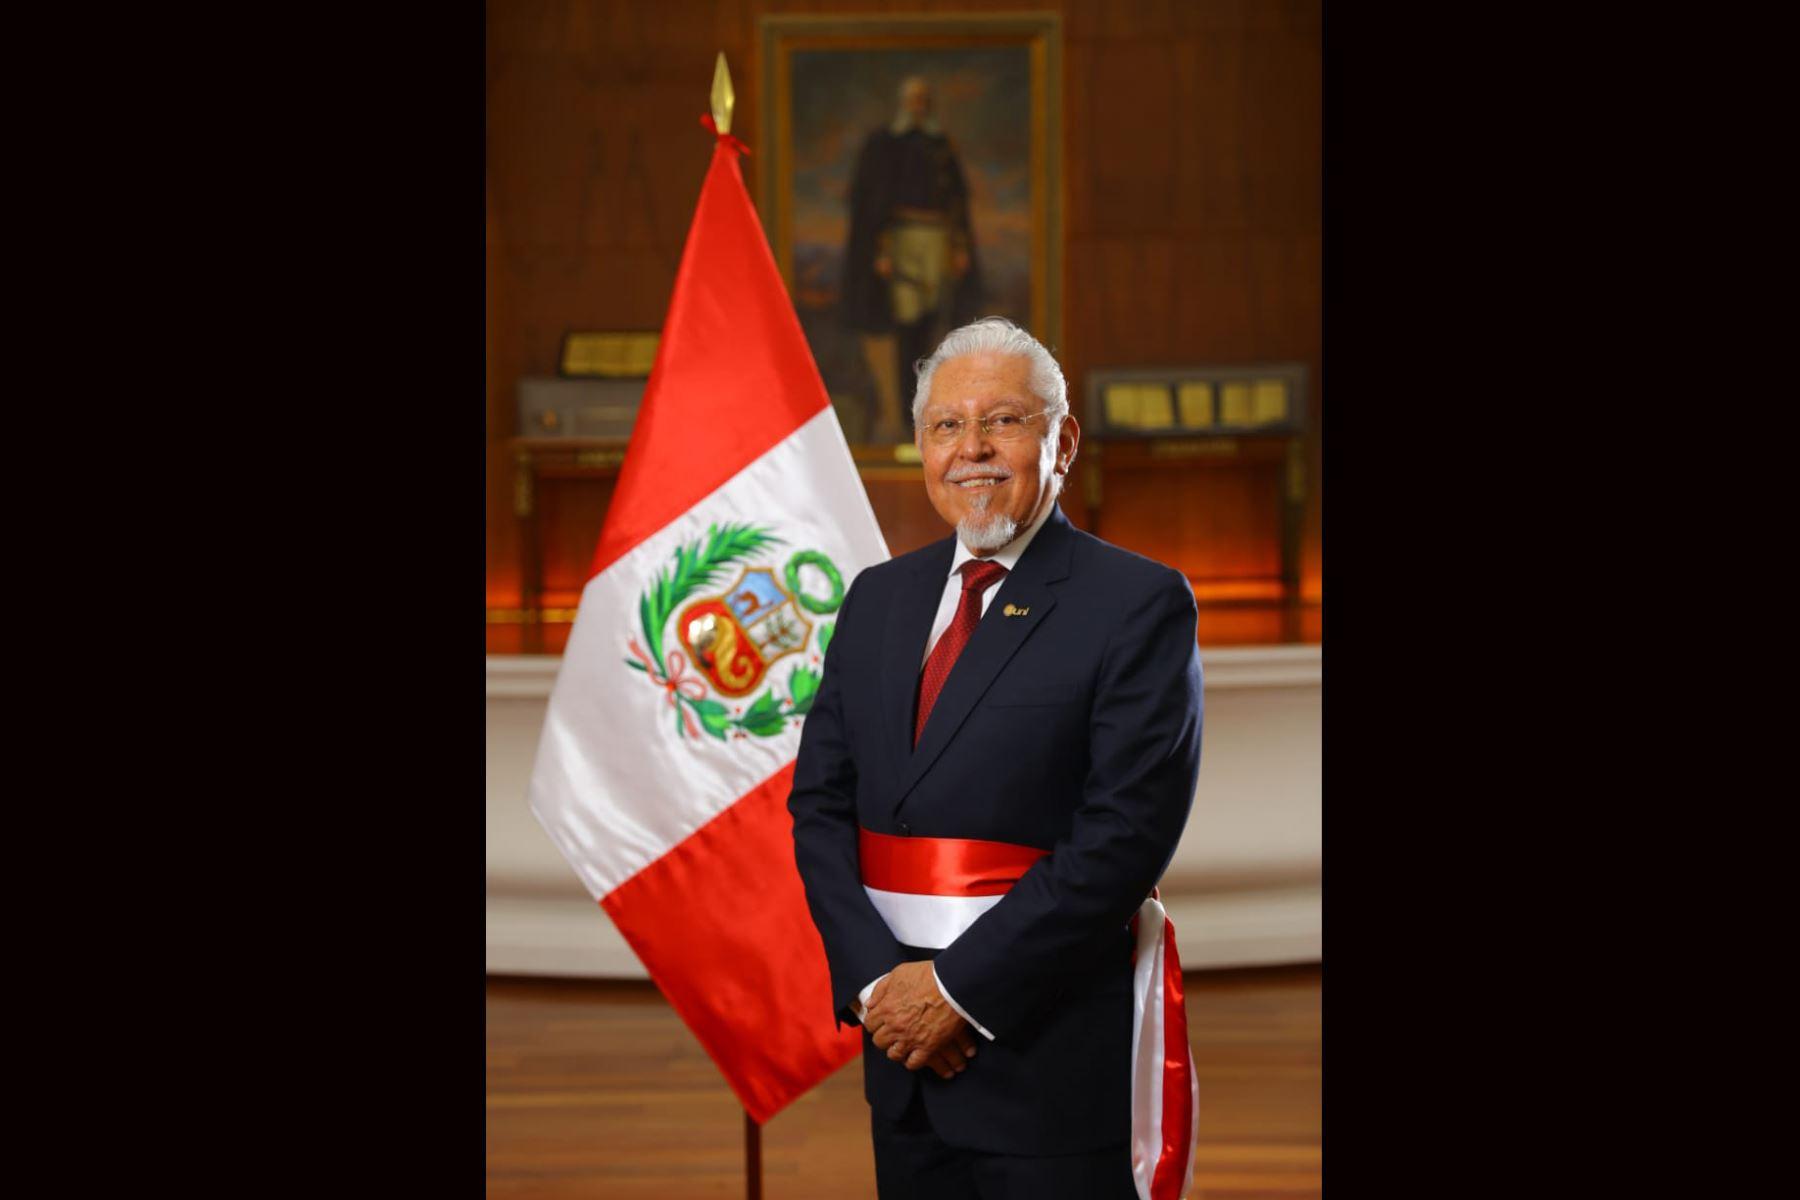 Fotografía oficiales de los nuevos ministros del primer gabinete del Presidente Martín Vizcarra. Foto: ANDINA/ Prensa Presidencia